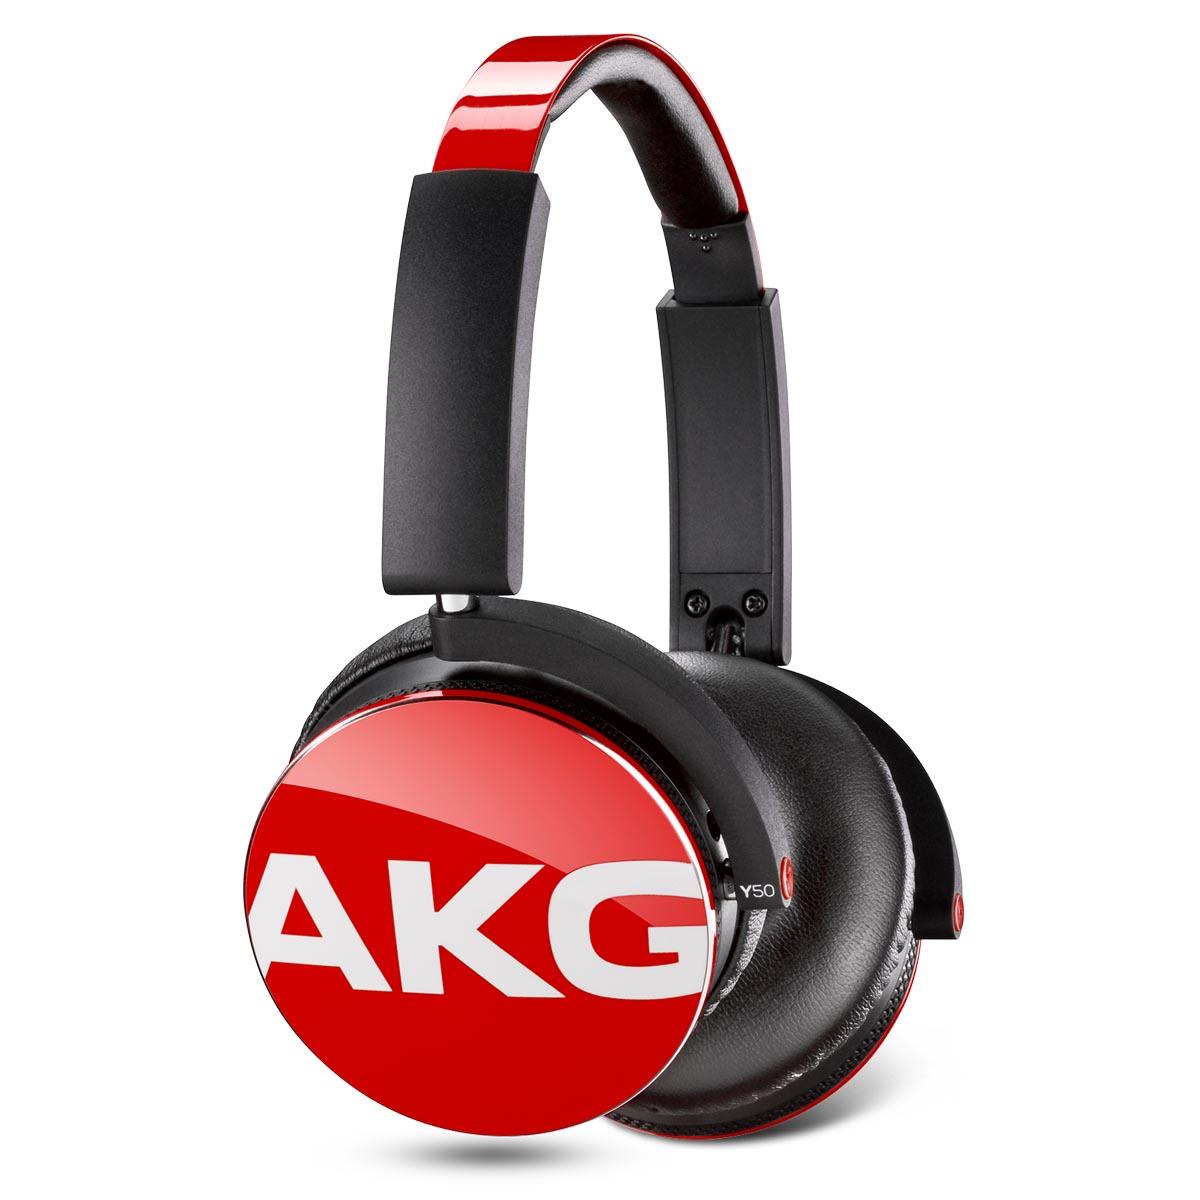 Наушники AKG Y50 RedНаушники и гарнитуры<br>Современная жизнь диктует новые условия — наушники должны быть портативными, складными, легкими — но в то же время совместимы с современными устройствами, при этом не теряя в качестве звука и должны быть высокого качества.<br><br>Представленная здесь модель Y50 от компании AKG — это накладные наушники с фирменным звучанием: эффектный стиль, надежная посадка и отсоединяемый кабель со встроенными пультом ДУ и микрофоном.<br><br>Дополнительные функции наушников превращают простое приспособление для прослушивания в мощное устройство для подключения ко всем...<br><br>Тип: гарнитура<br>Тип акустического оформления: Закрытые<br>Вид наушников: Накладные<br>Тип подключения: Проводные<br>Диапазон воспроизводимых частот, Гц: 16 - 24000<br>Сопротивление, Импеданс: 32 Ом<br>Чувствительность дБ: 115<br>Микрофон: есть